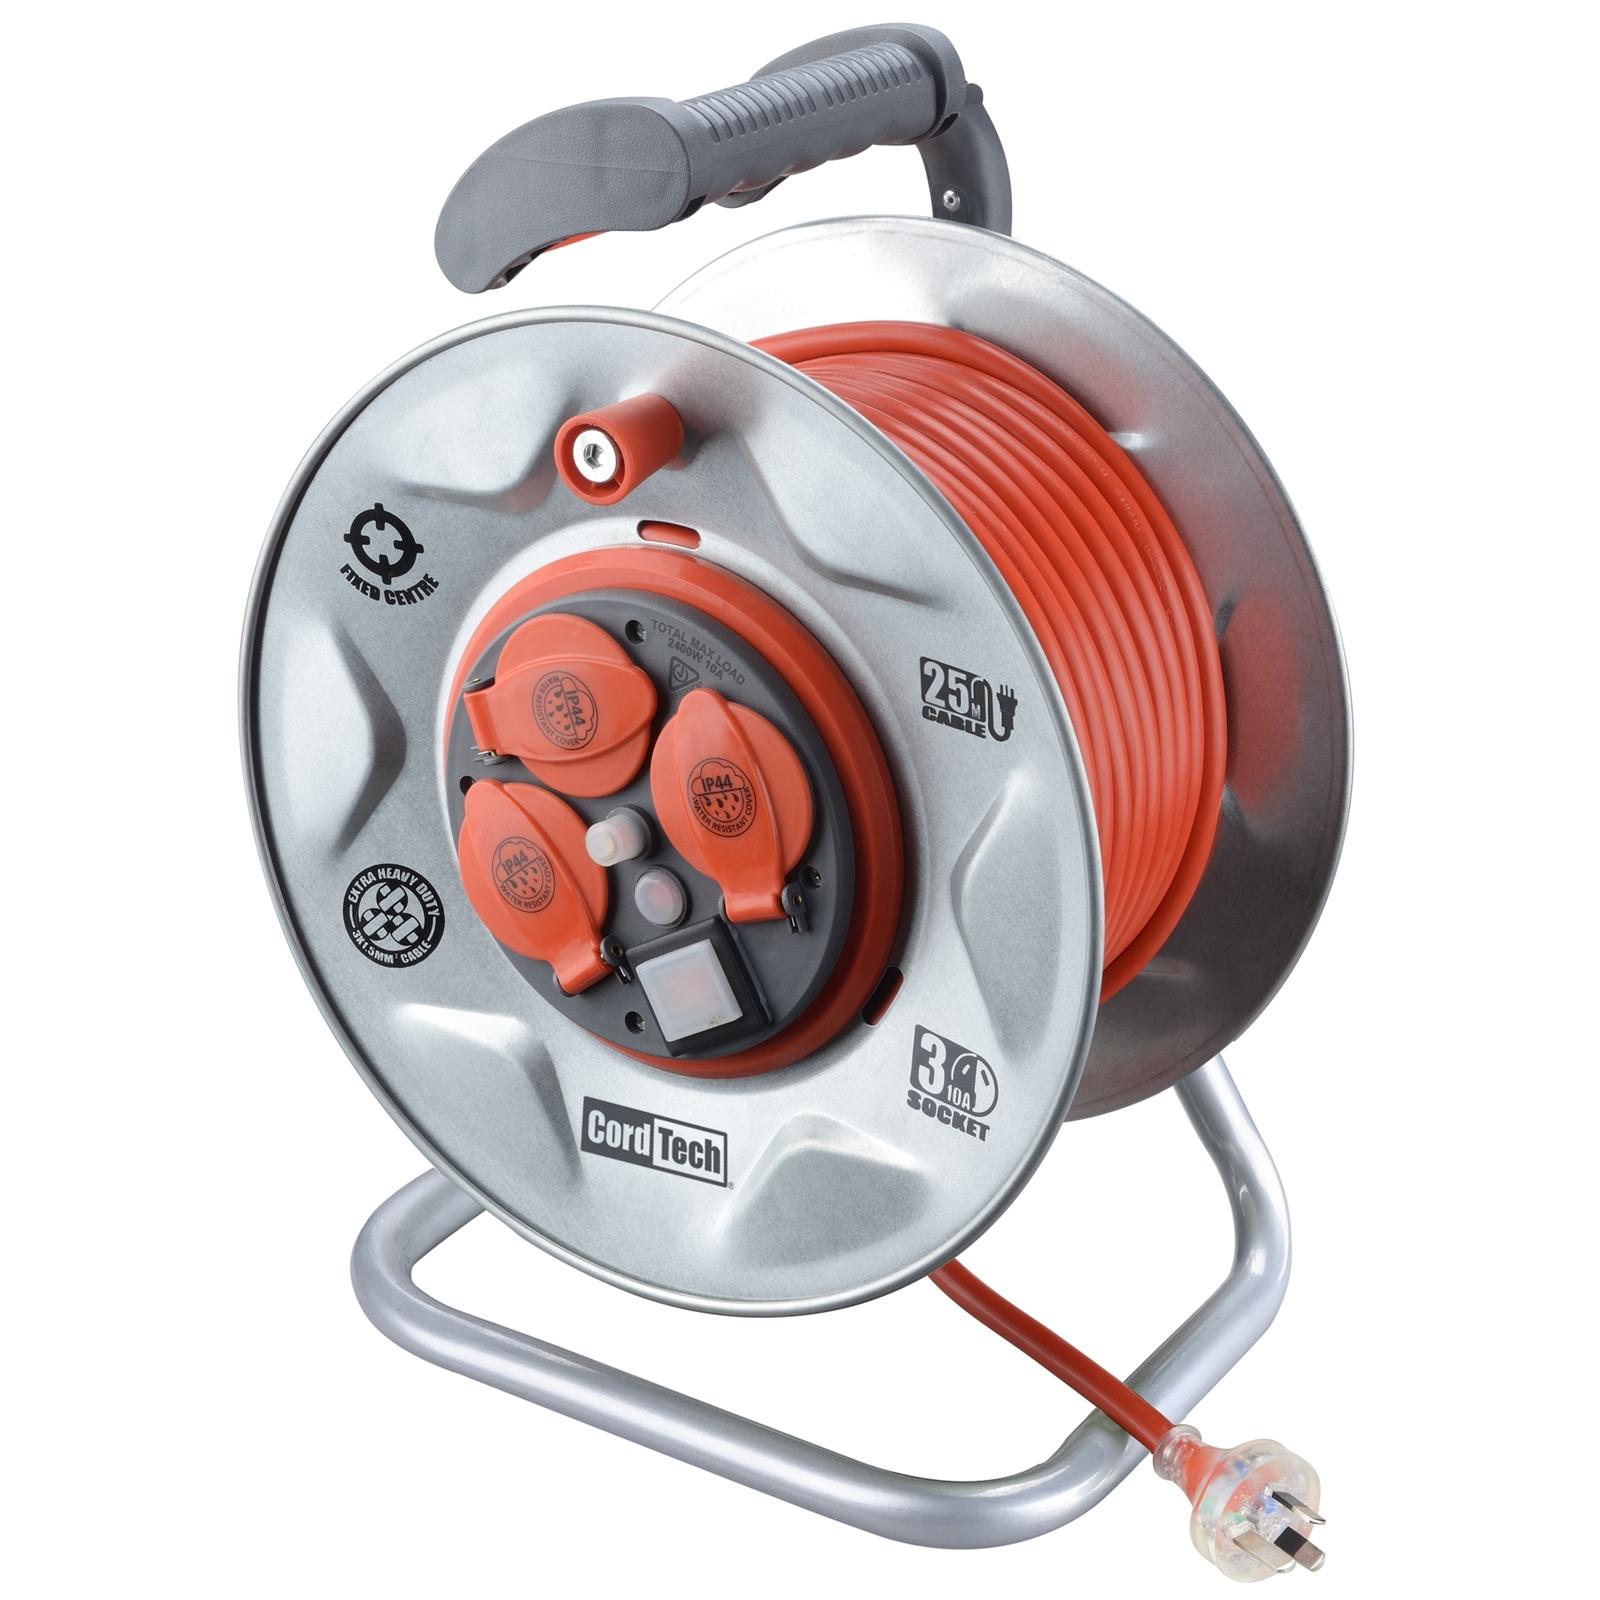 CordTech 25m 3 Socket Heavy Duty Steel Cable Reel